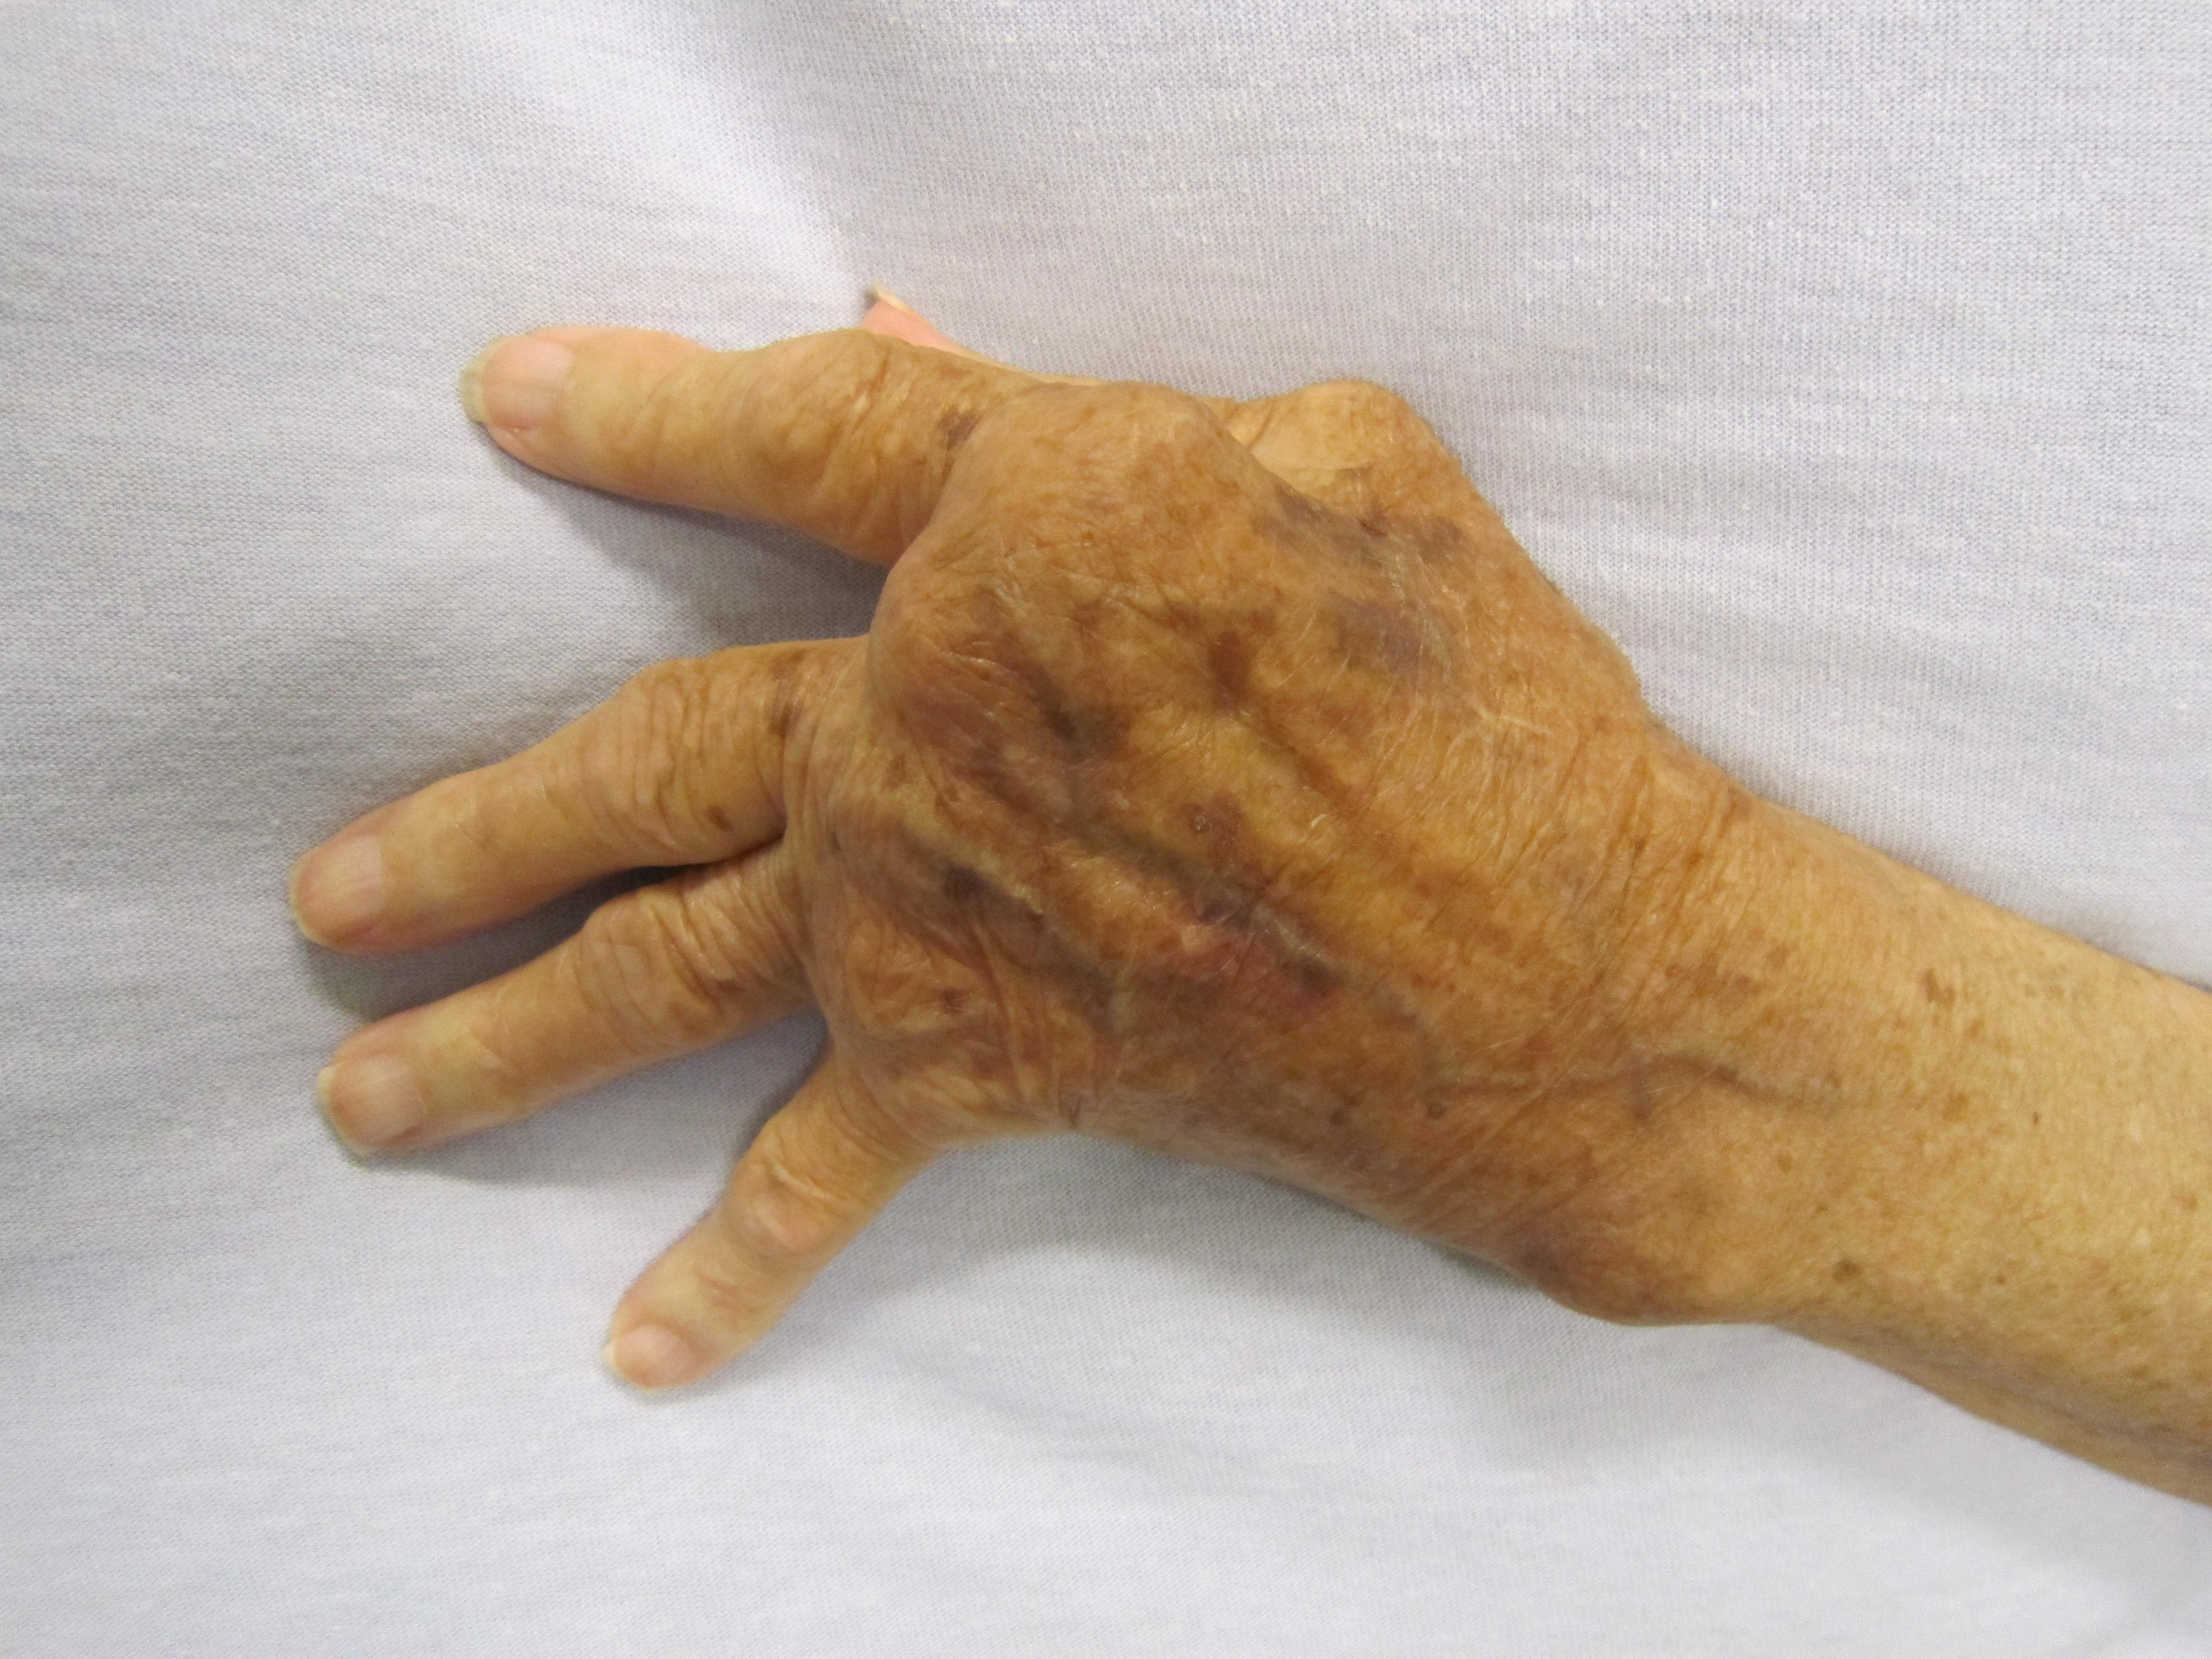 szisztémás kötőszöveti betegségek multiplex arthritis